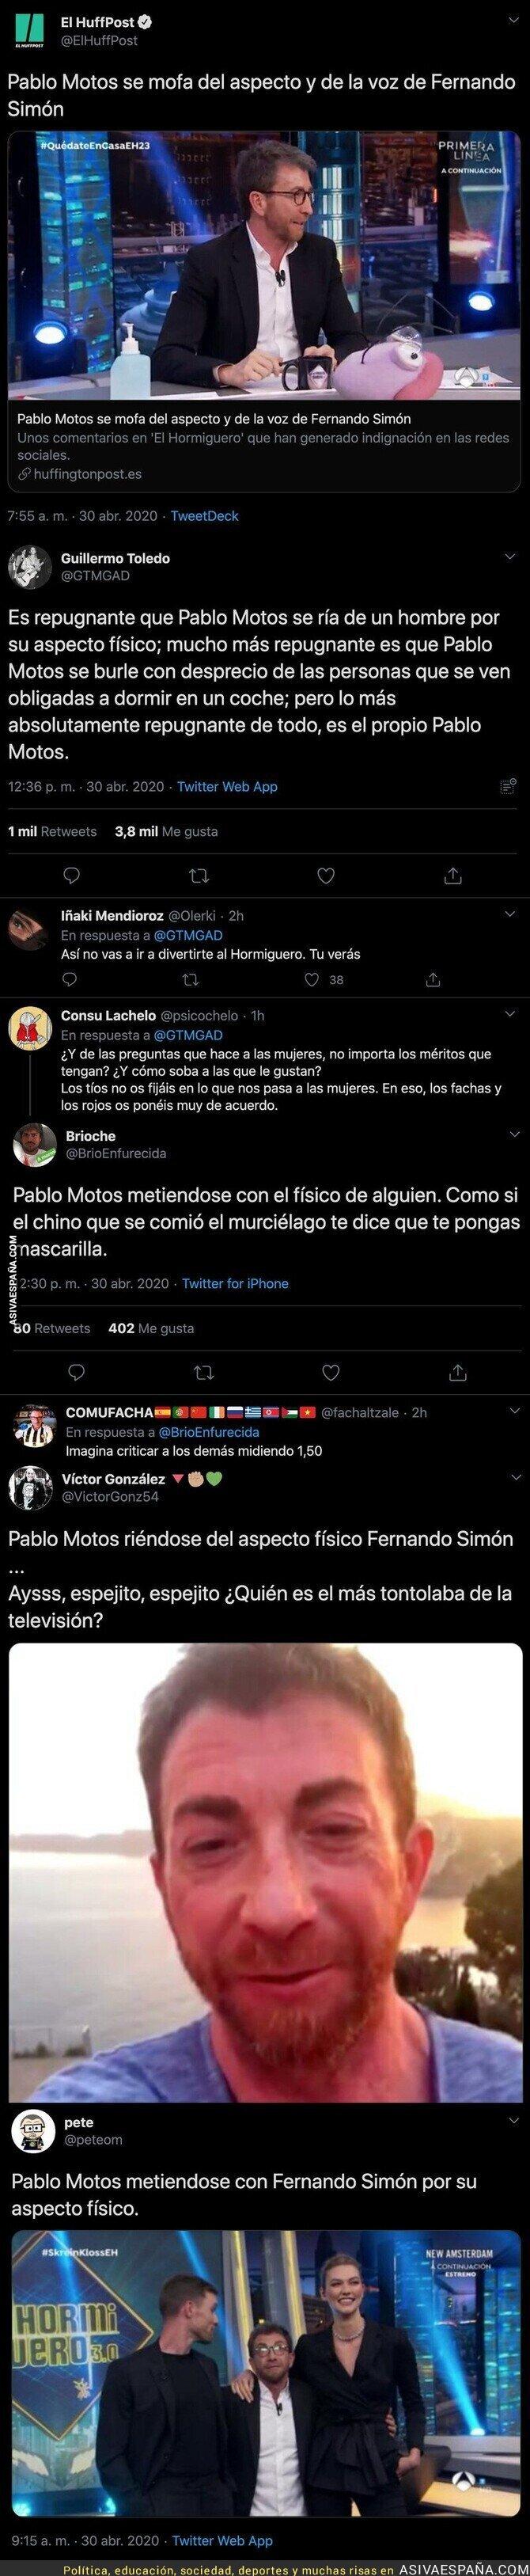 147095 - Todo el mundo está respondiendo con dureza a Pablo Motos tras meterse con el físico de Fernando Simón